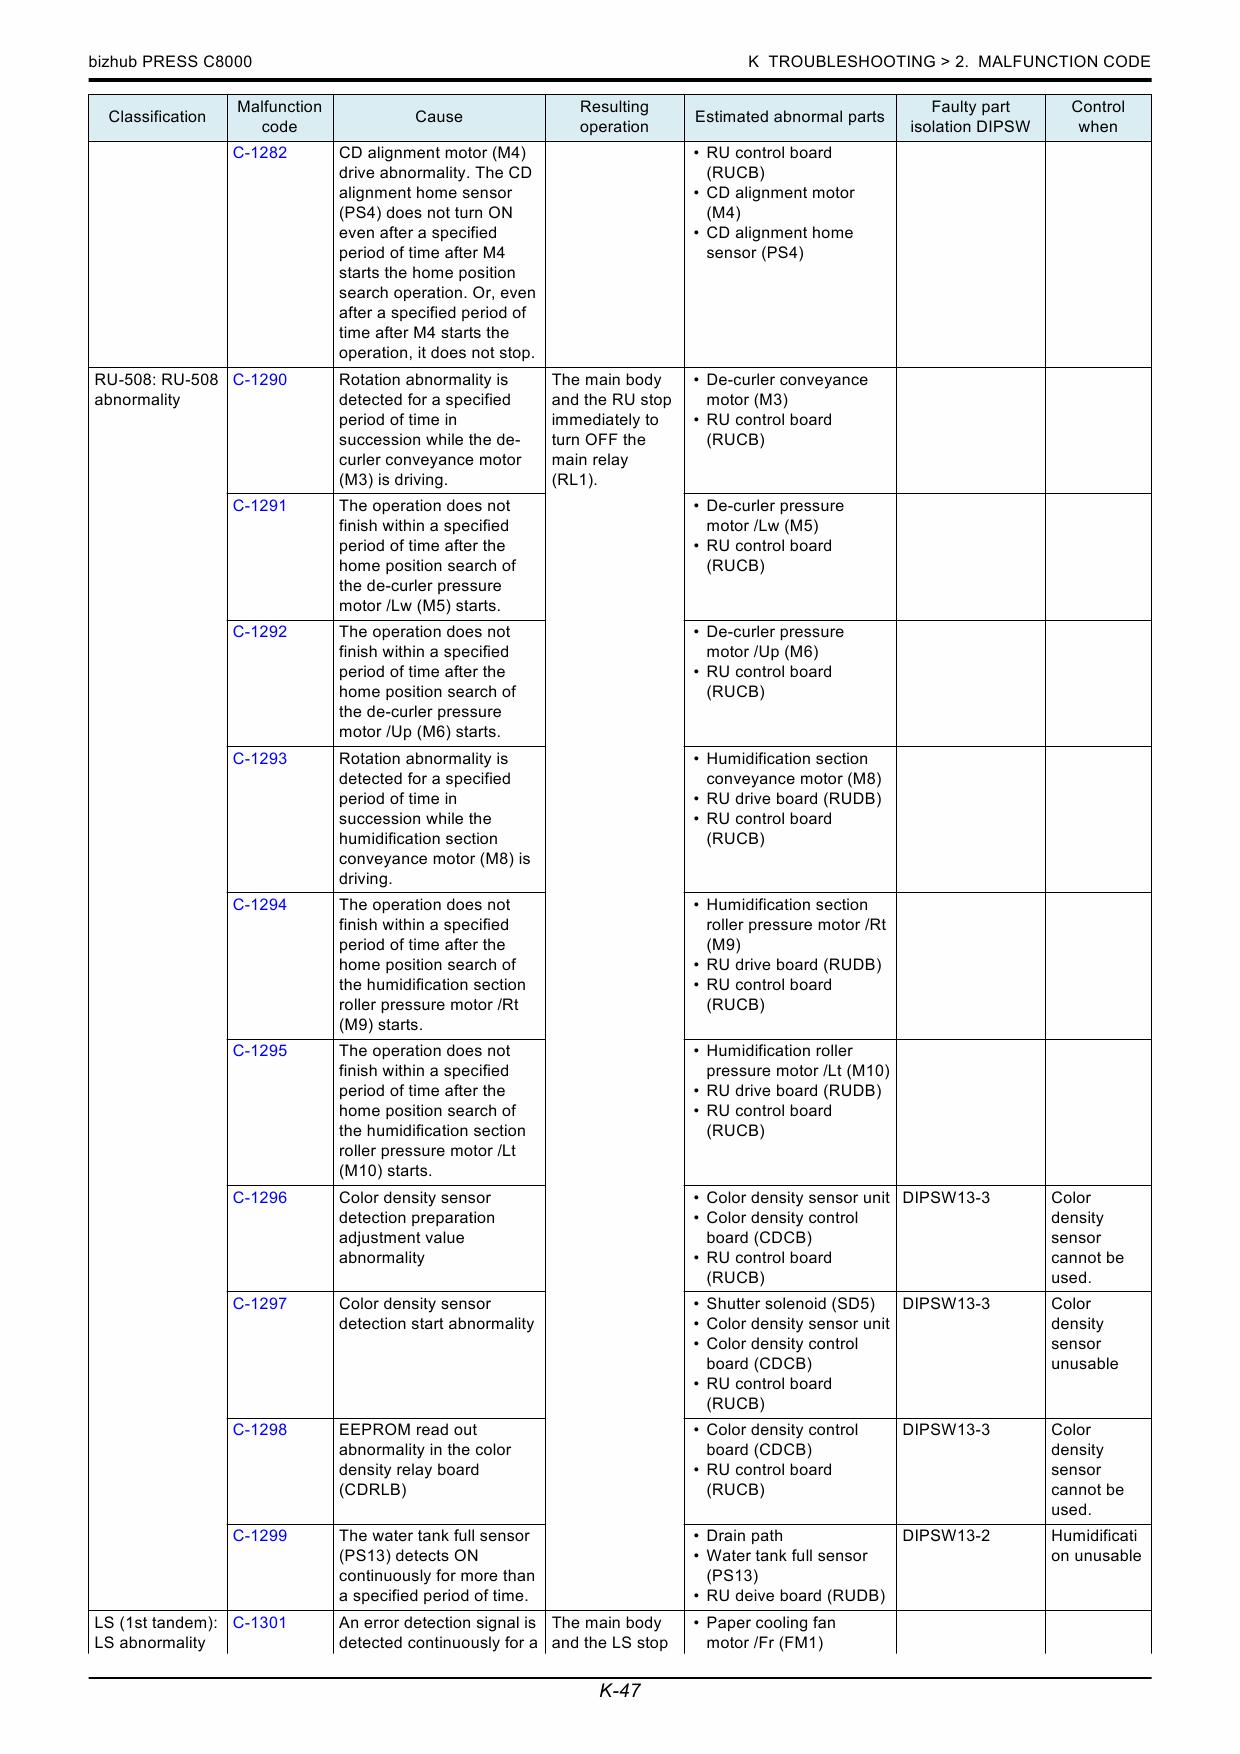 bizhub c8000 error codes